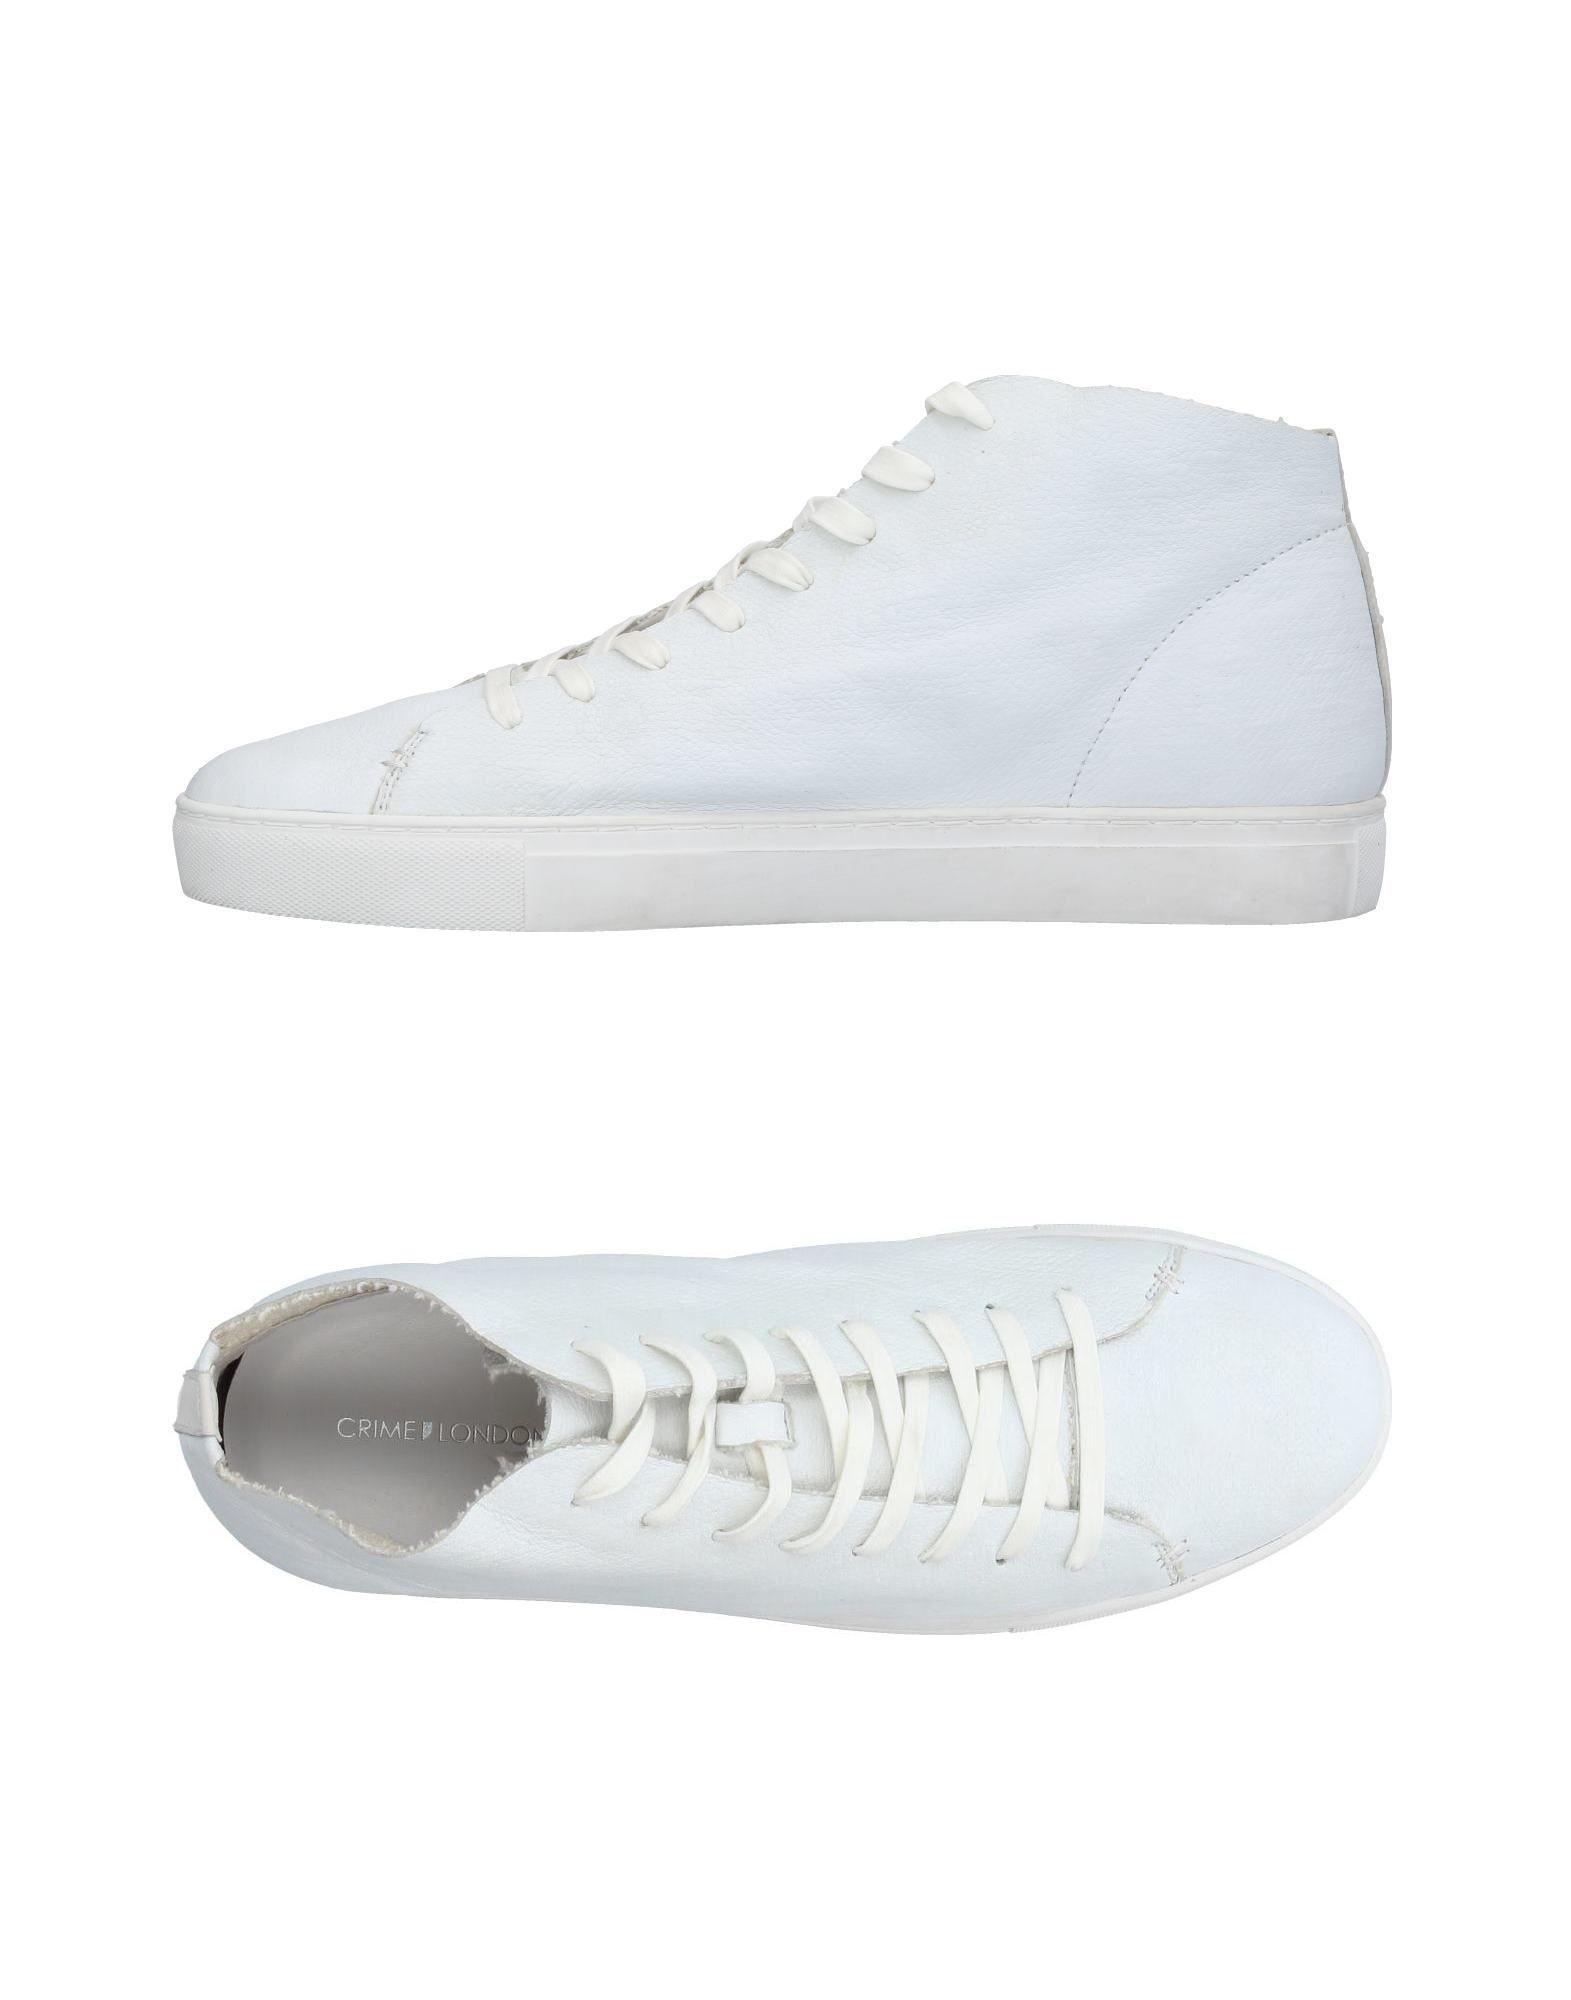 Crime London Sneakers Sneakers Sneakers - Men Crime London Sneakers online on  United Kingdom - 11383234WL b027c1